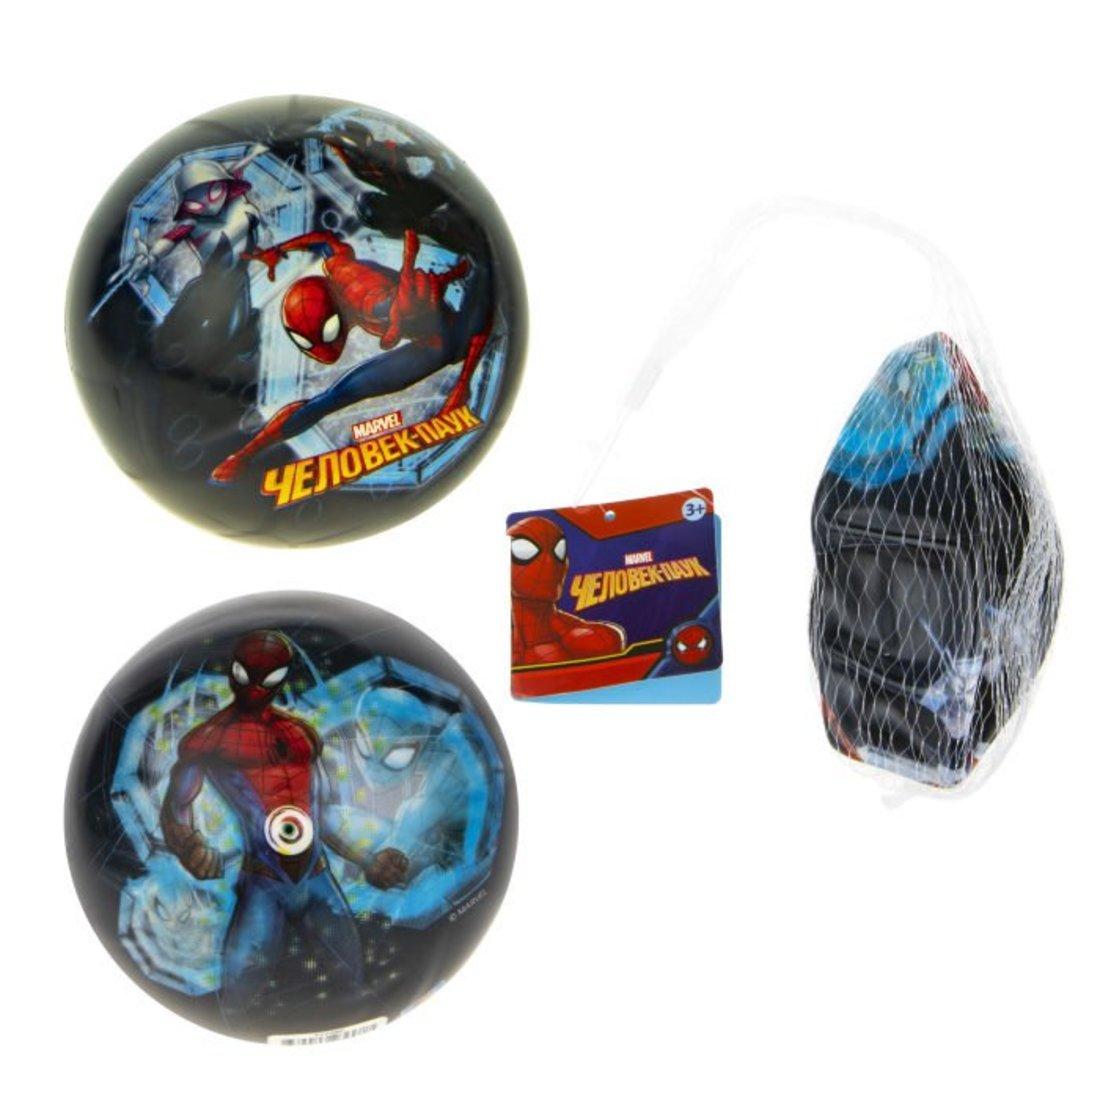 Мяч Marvel Мстители Человек Паук 15 см